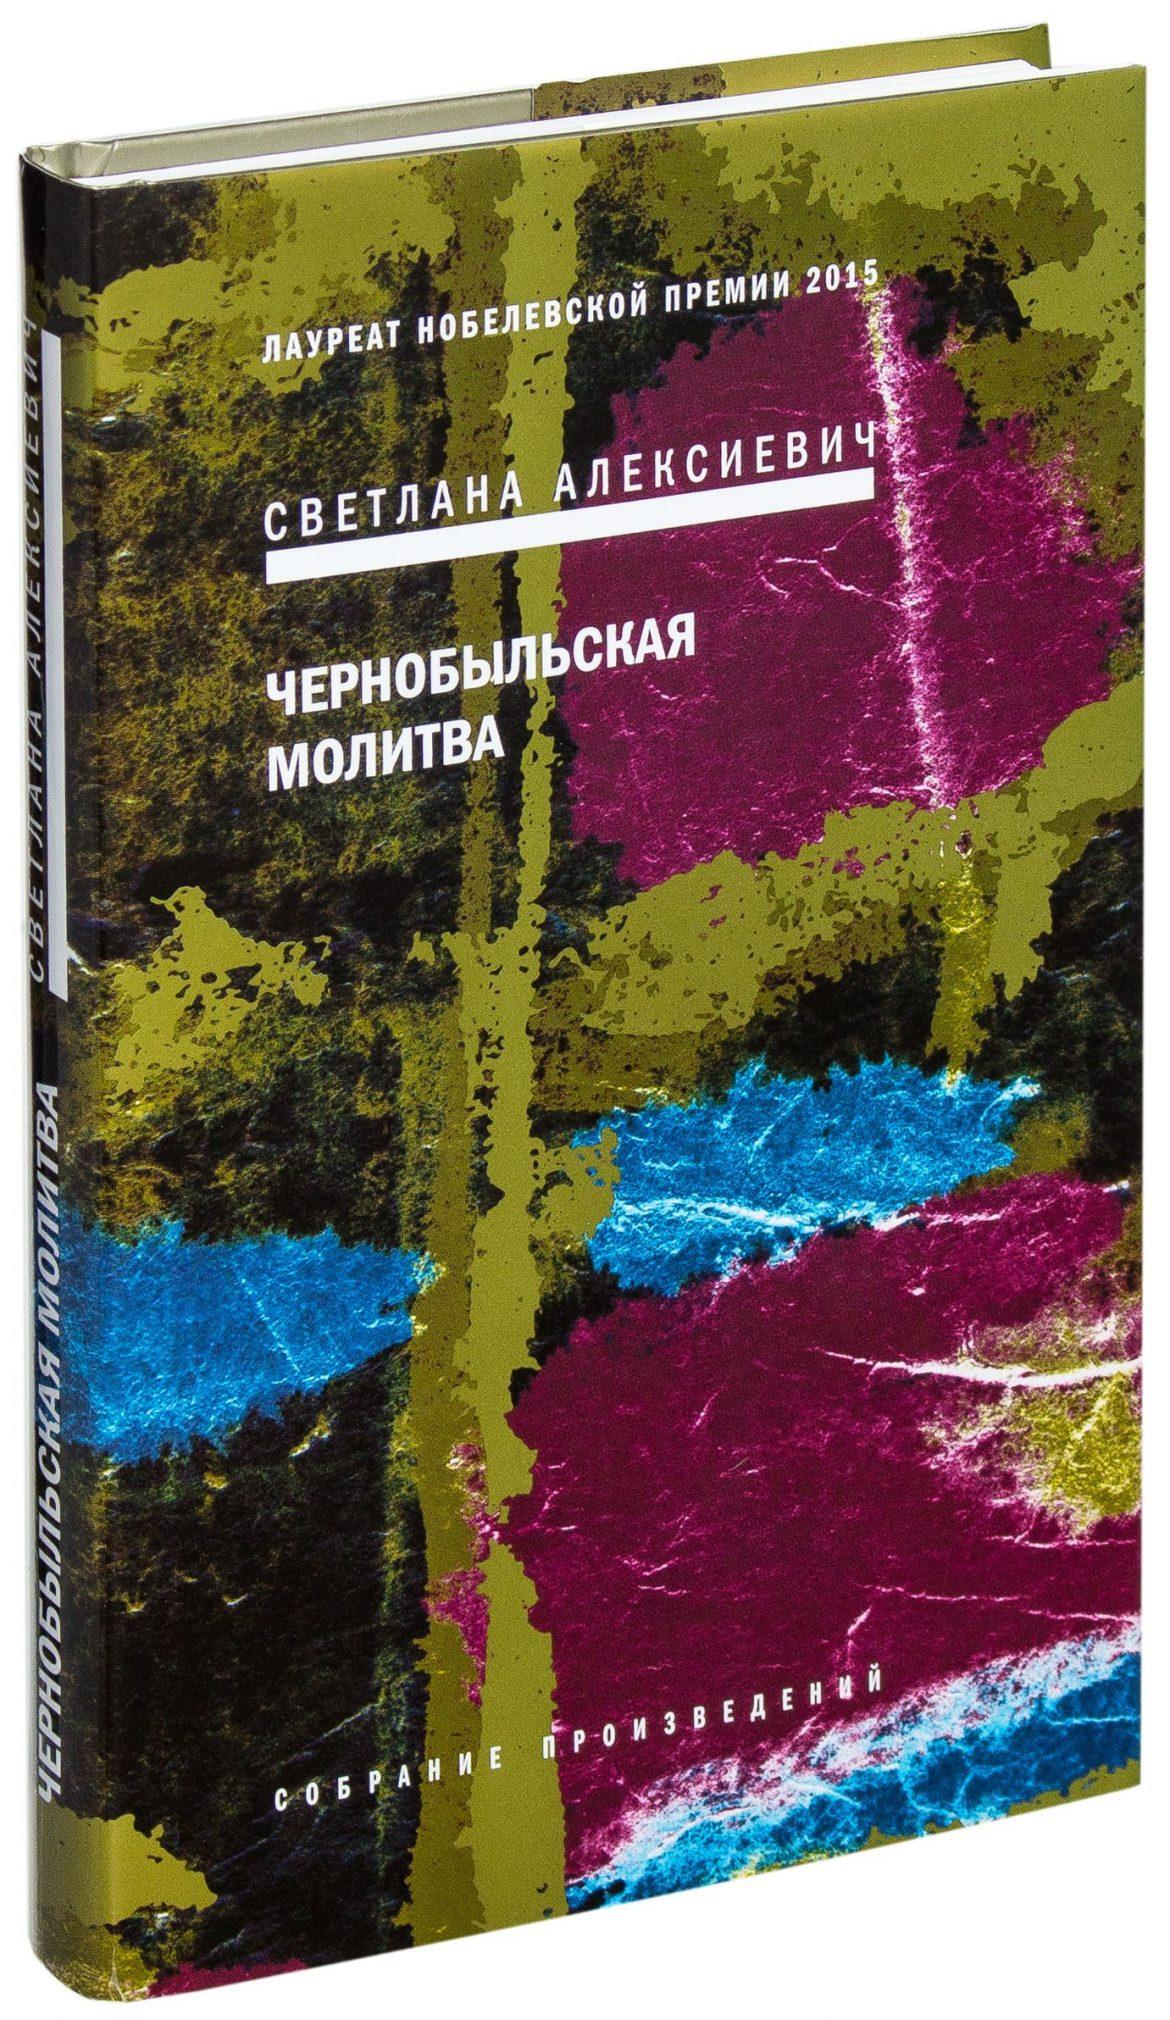 Чернобыльская молитва. Хроника будущего — Светлана Алексиевич